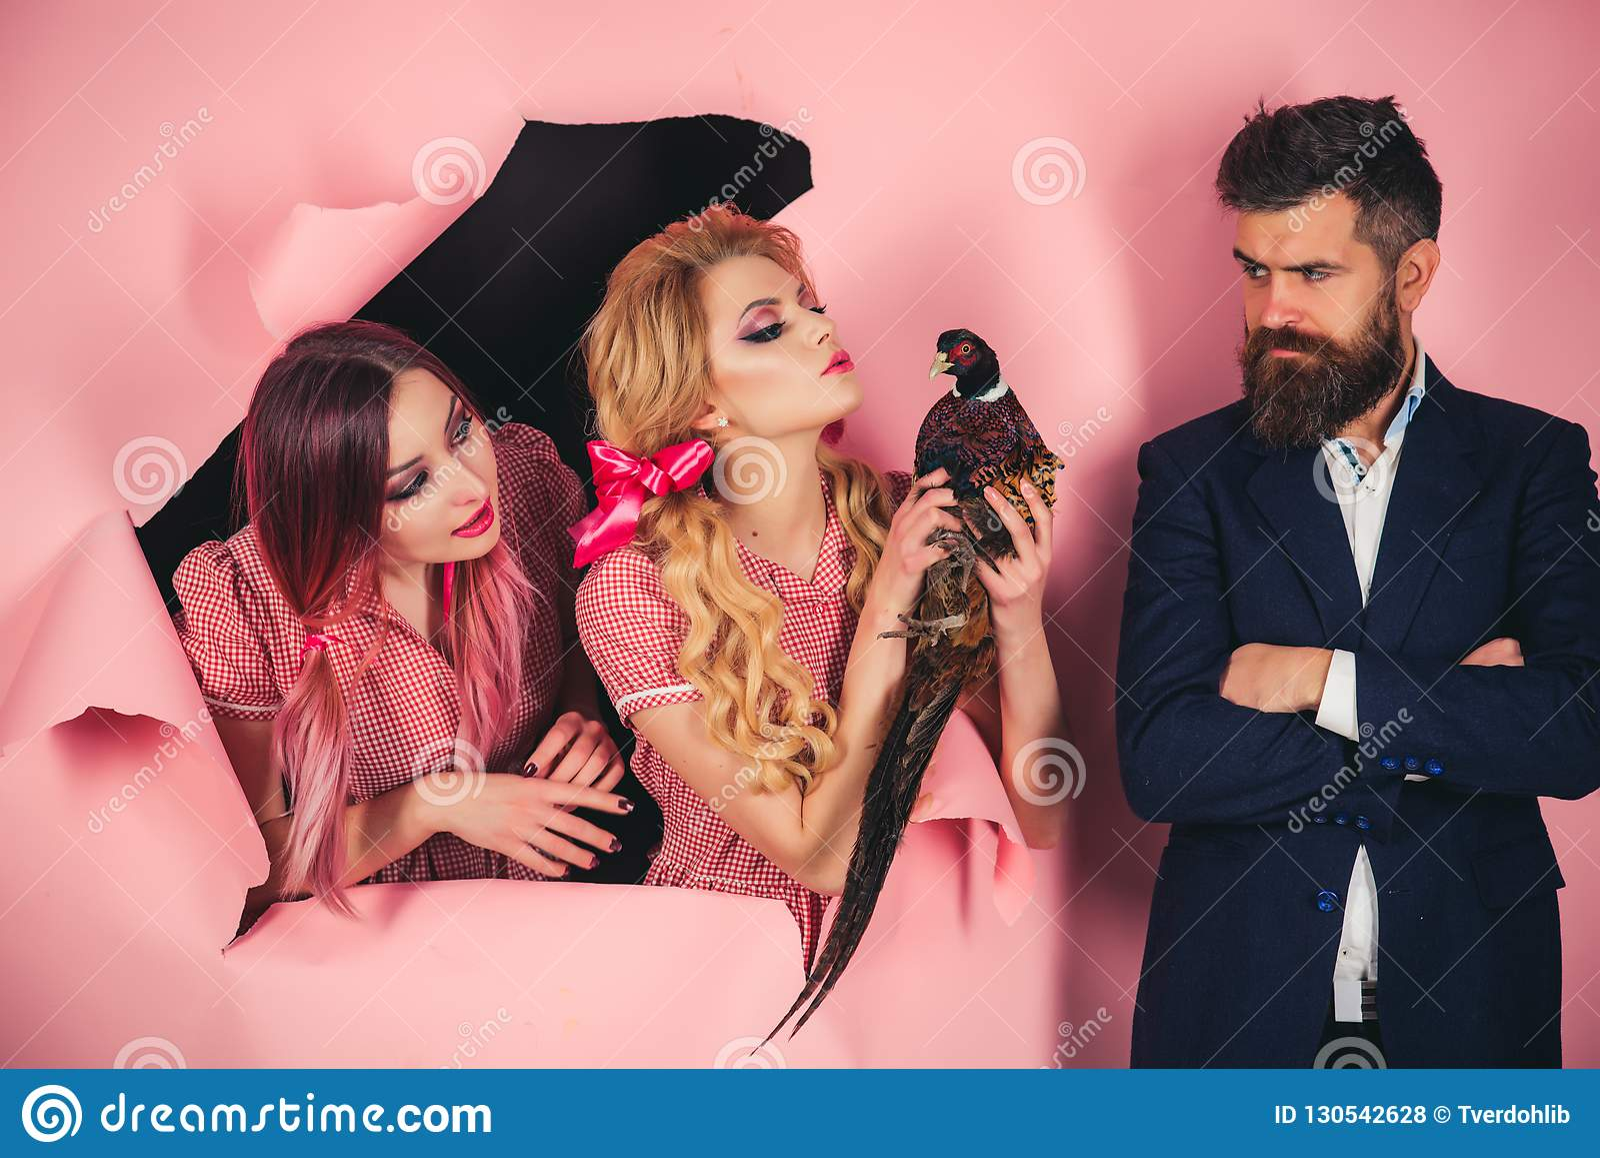 素食主义者 在桃红色的疯狂的夫妇 万圣节 创造性的想法 禽流感 滑稽的广告 葡萄酒人用禽畜